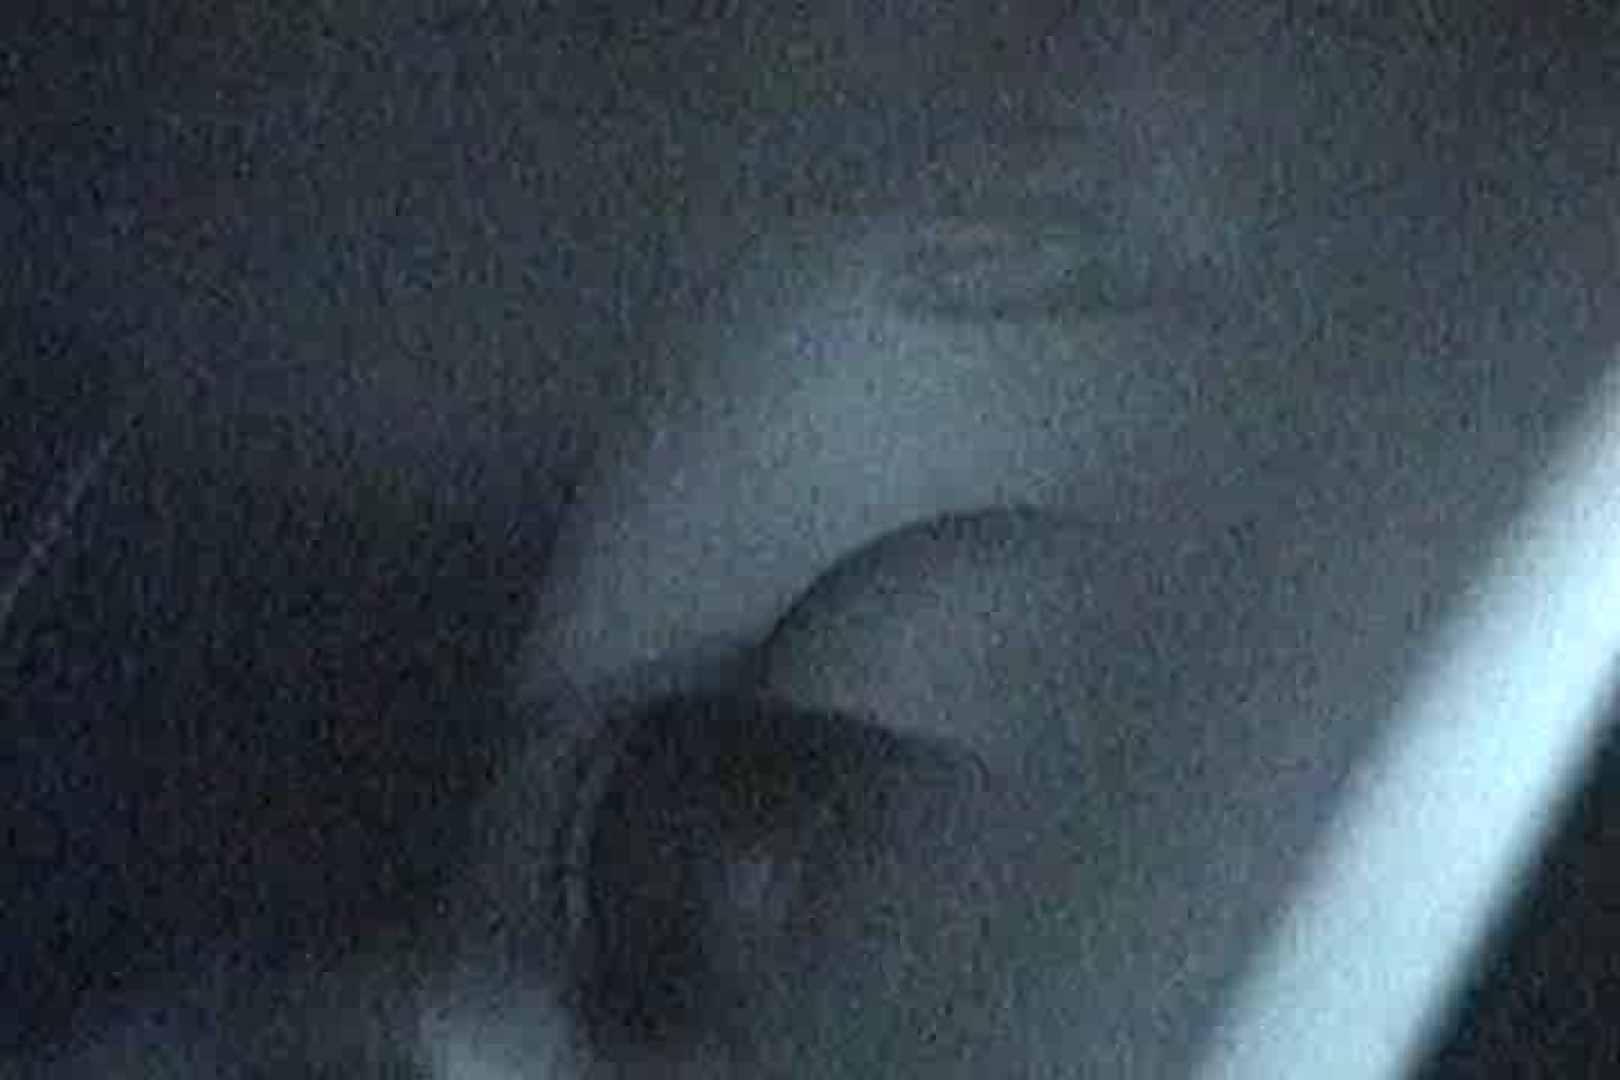 充血監督の深夜の運動会Vol.8 チクビ  98枚 16